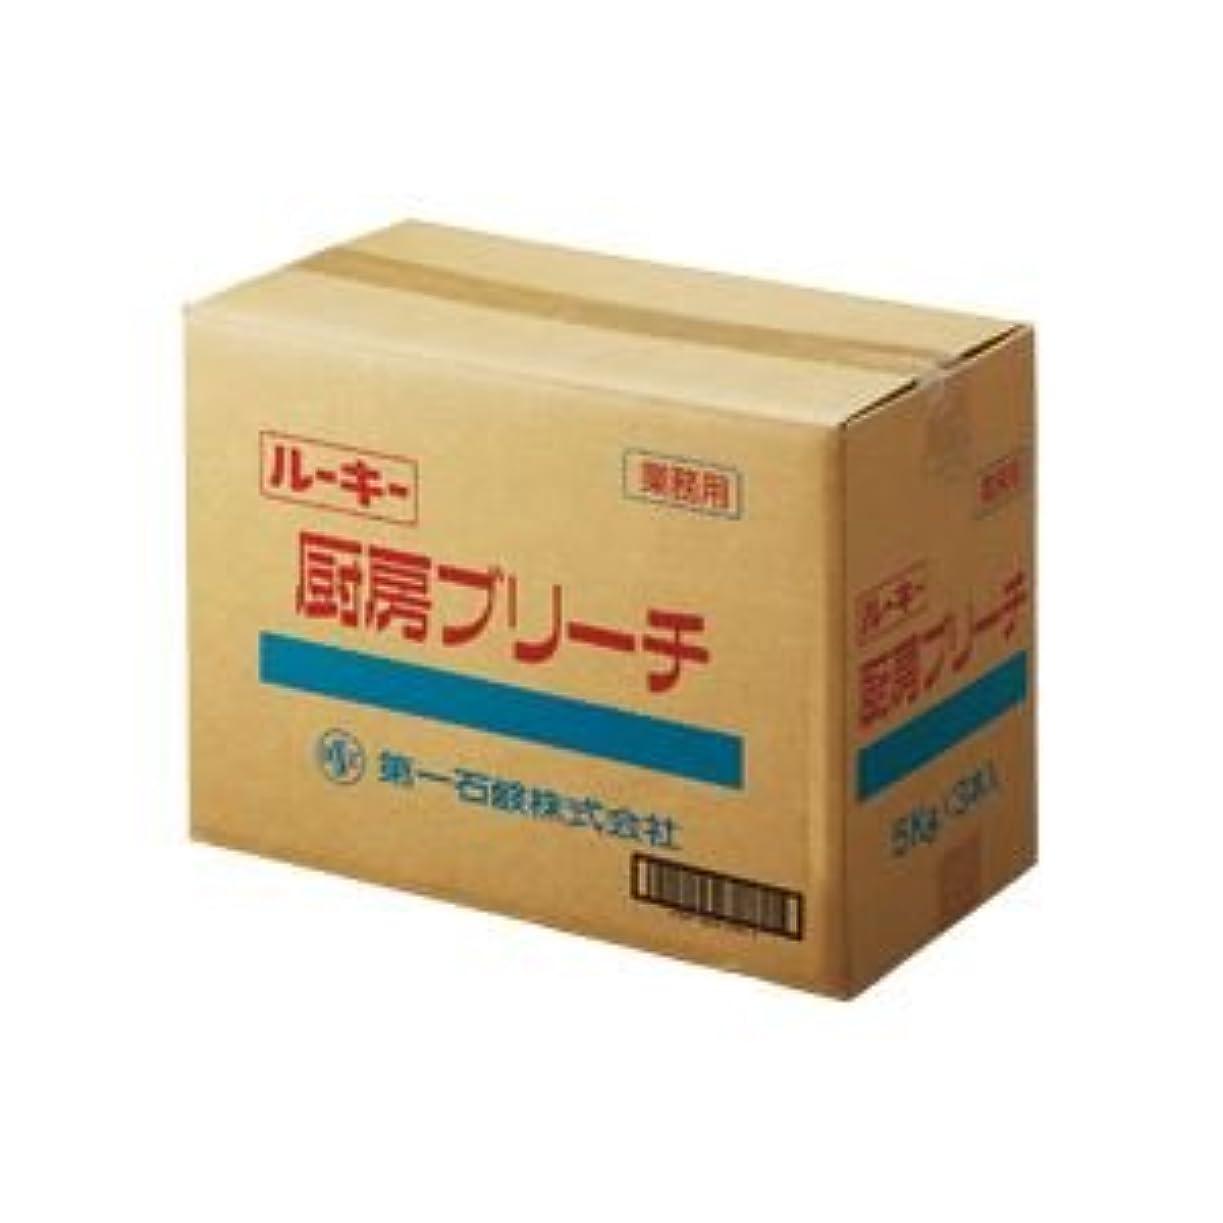 やけど馬鹿げた滝(まとめ) 第一石鹸 ルーキー 厨房ブリーチ 業務用 5kg/本 1セット(3本) 【×2セット】